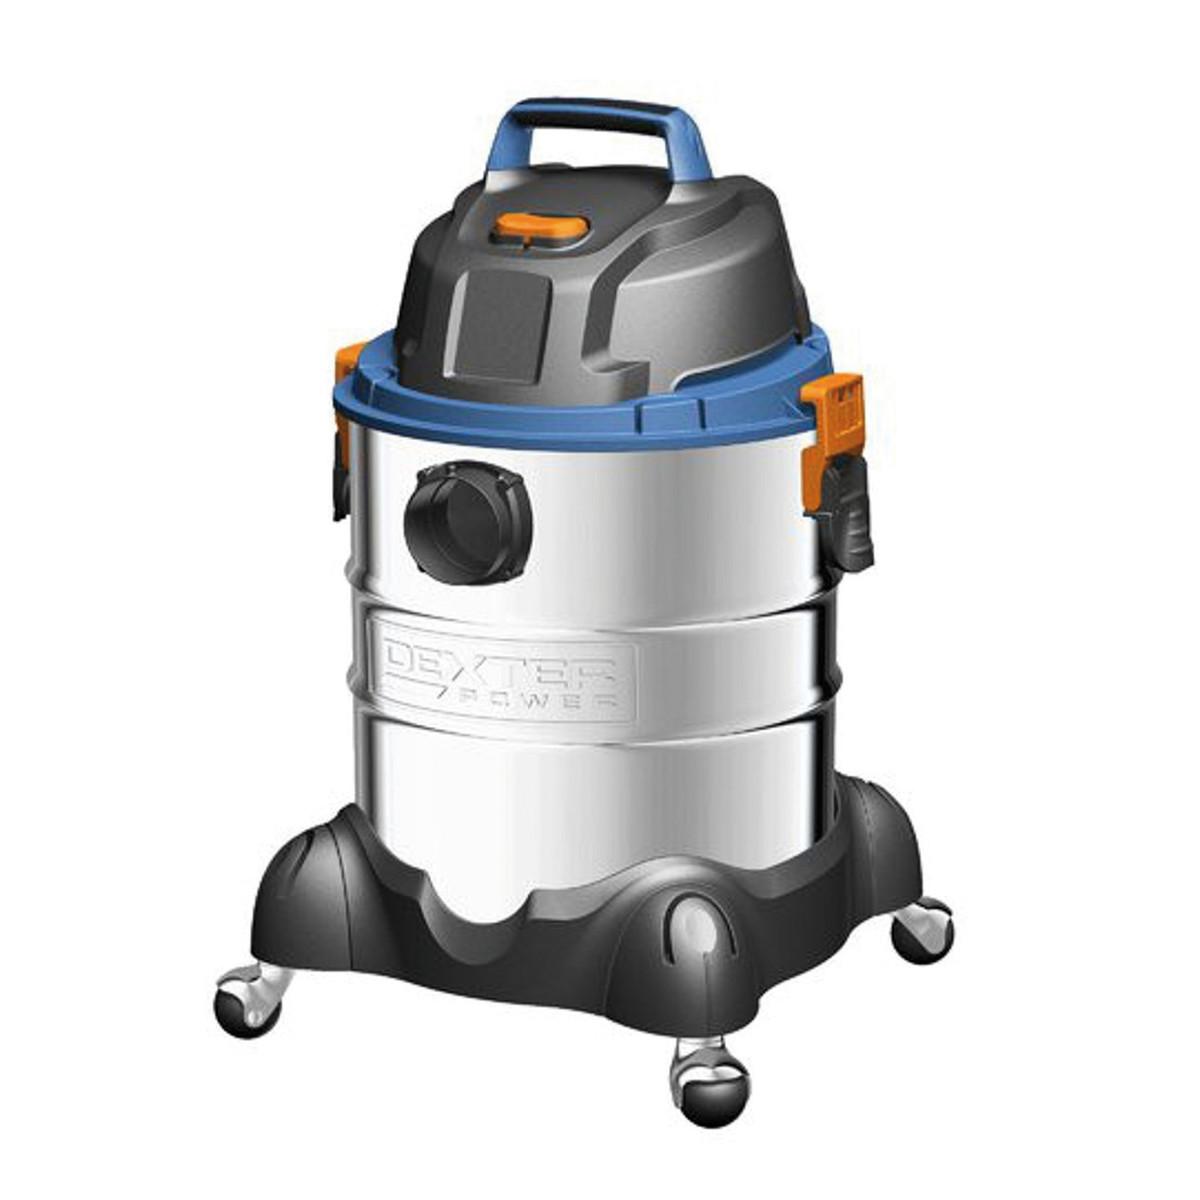 Brikstein aspiratori aspiratore solidi e liquidi 20x  Prezzo e Offerte Sottocosto